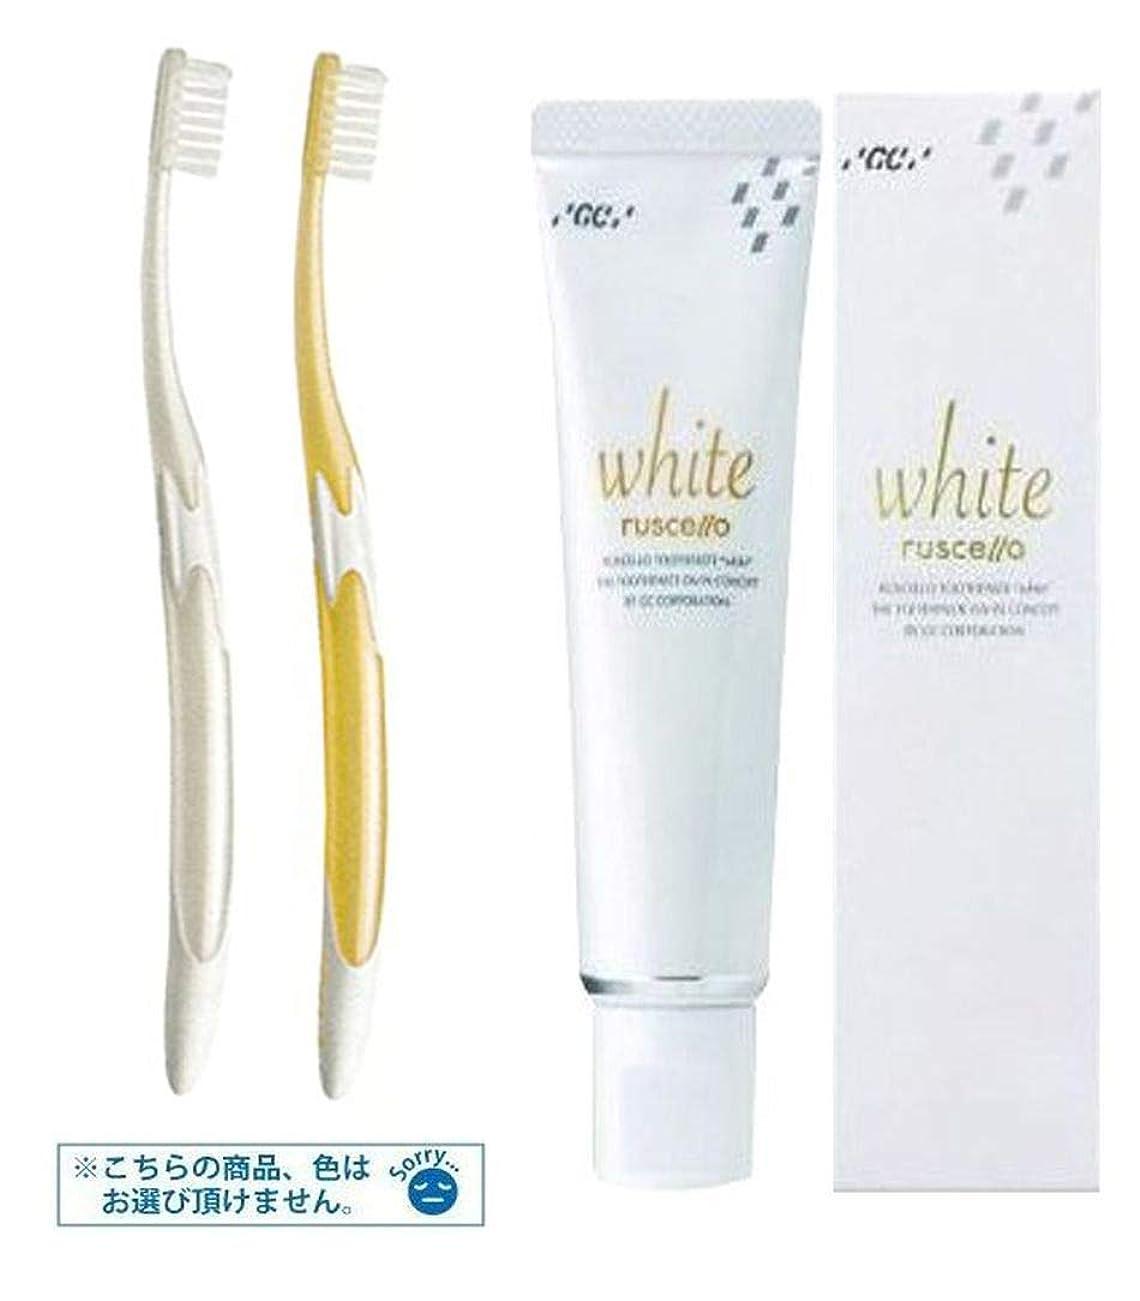 ナースアルネセーブGC(ジーシー) ルシェロ 歯みがきペースト ホワイト 100g 1個 + ルシェロ W-10 歯ブラシ 2本